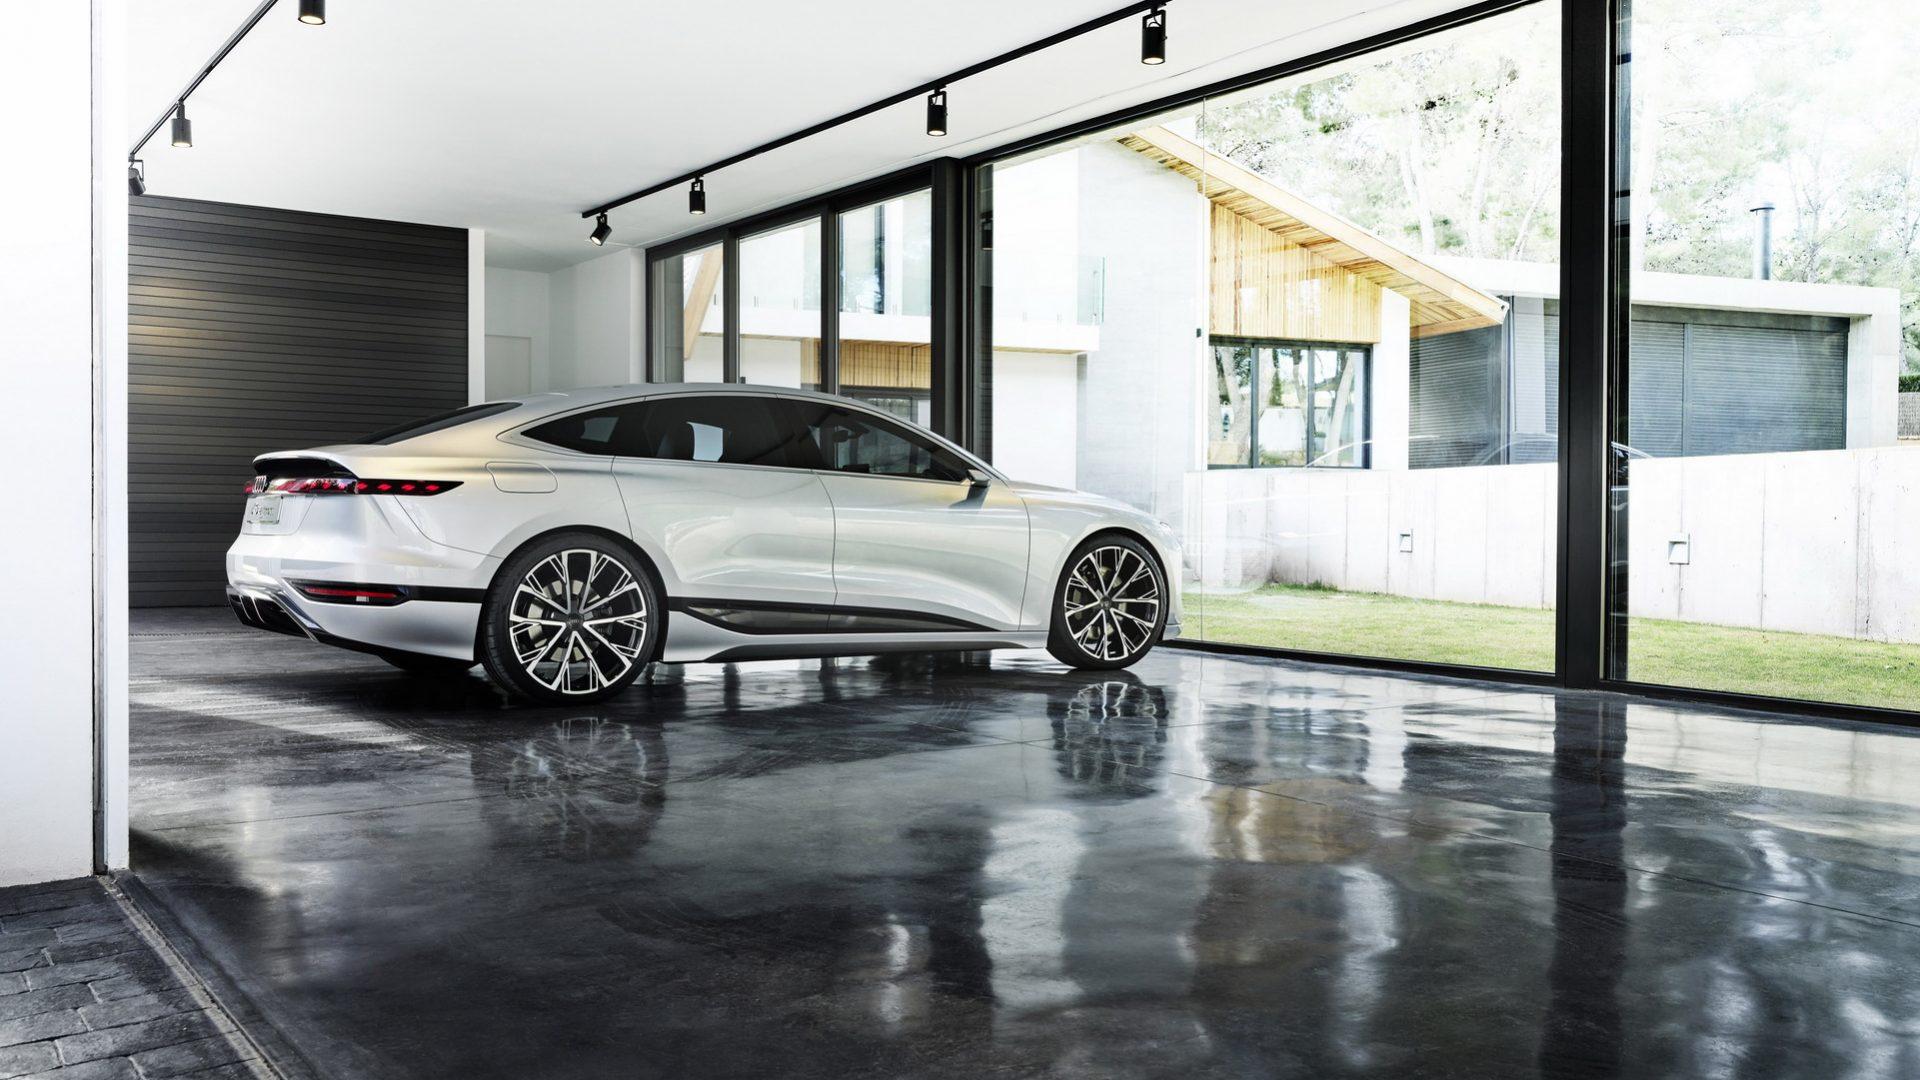 2021-Audi-A6-e-tron-Concept-36